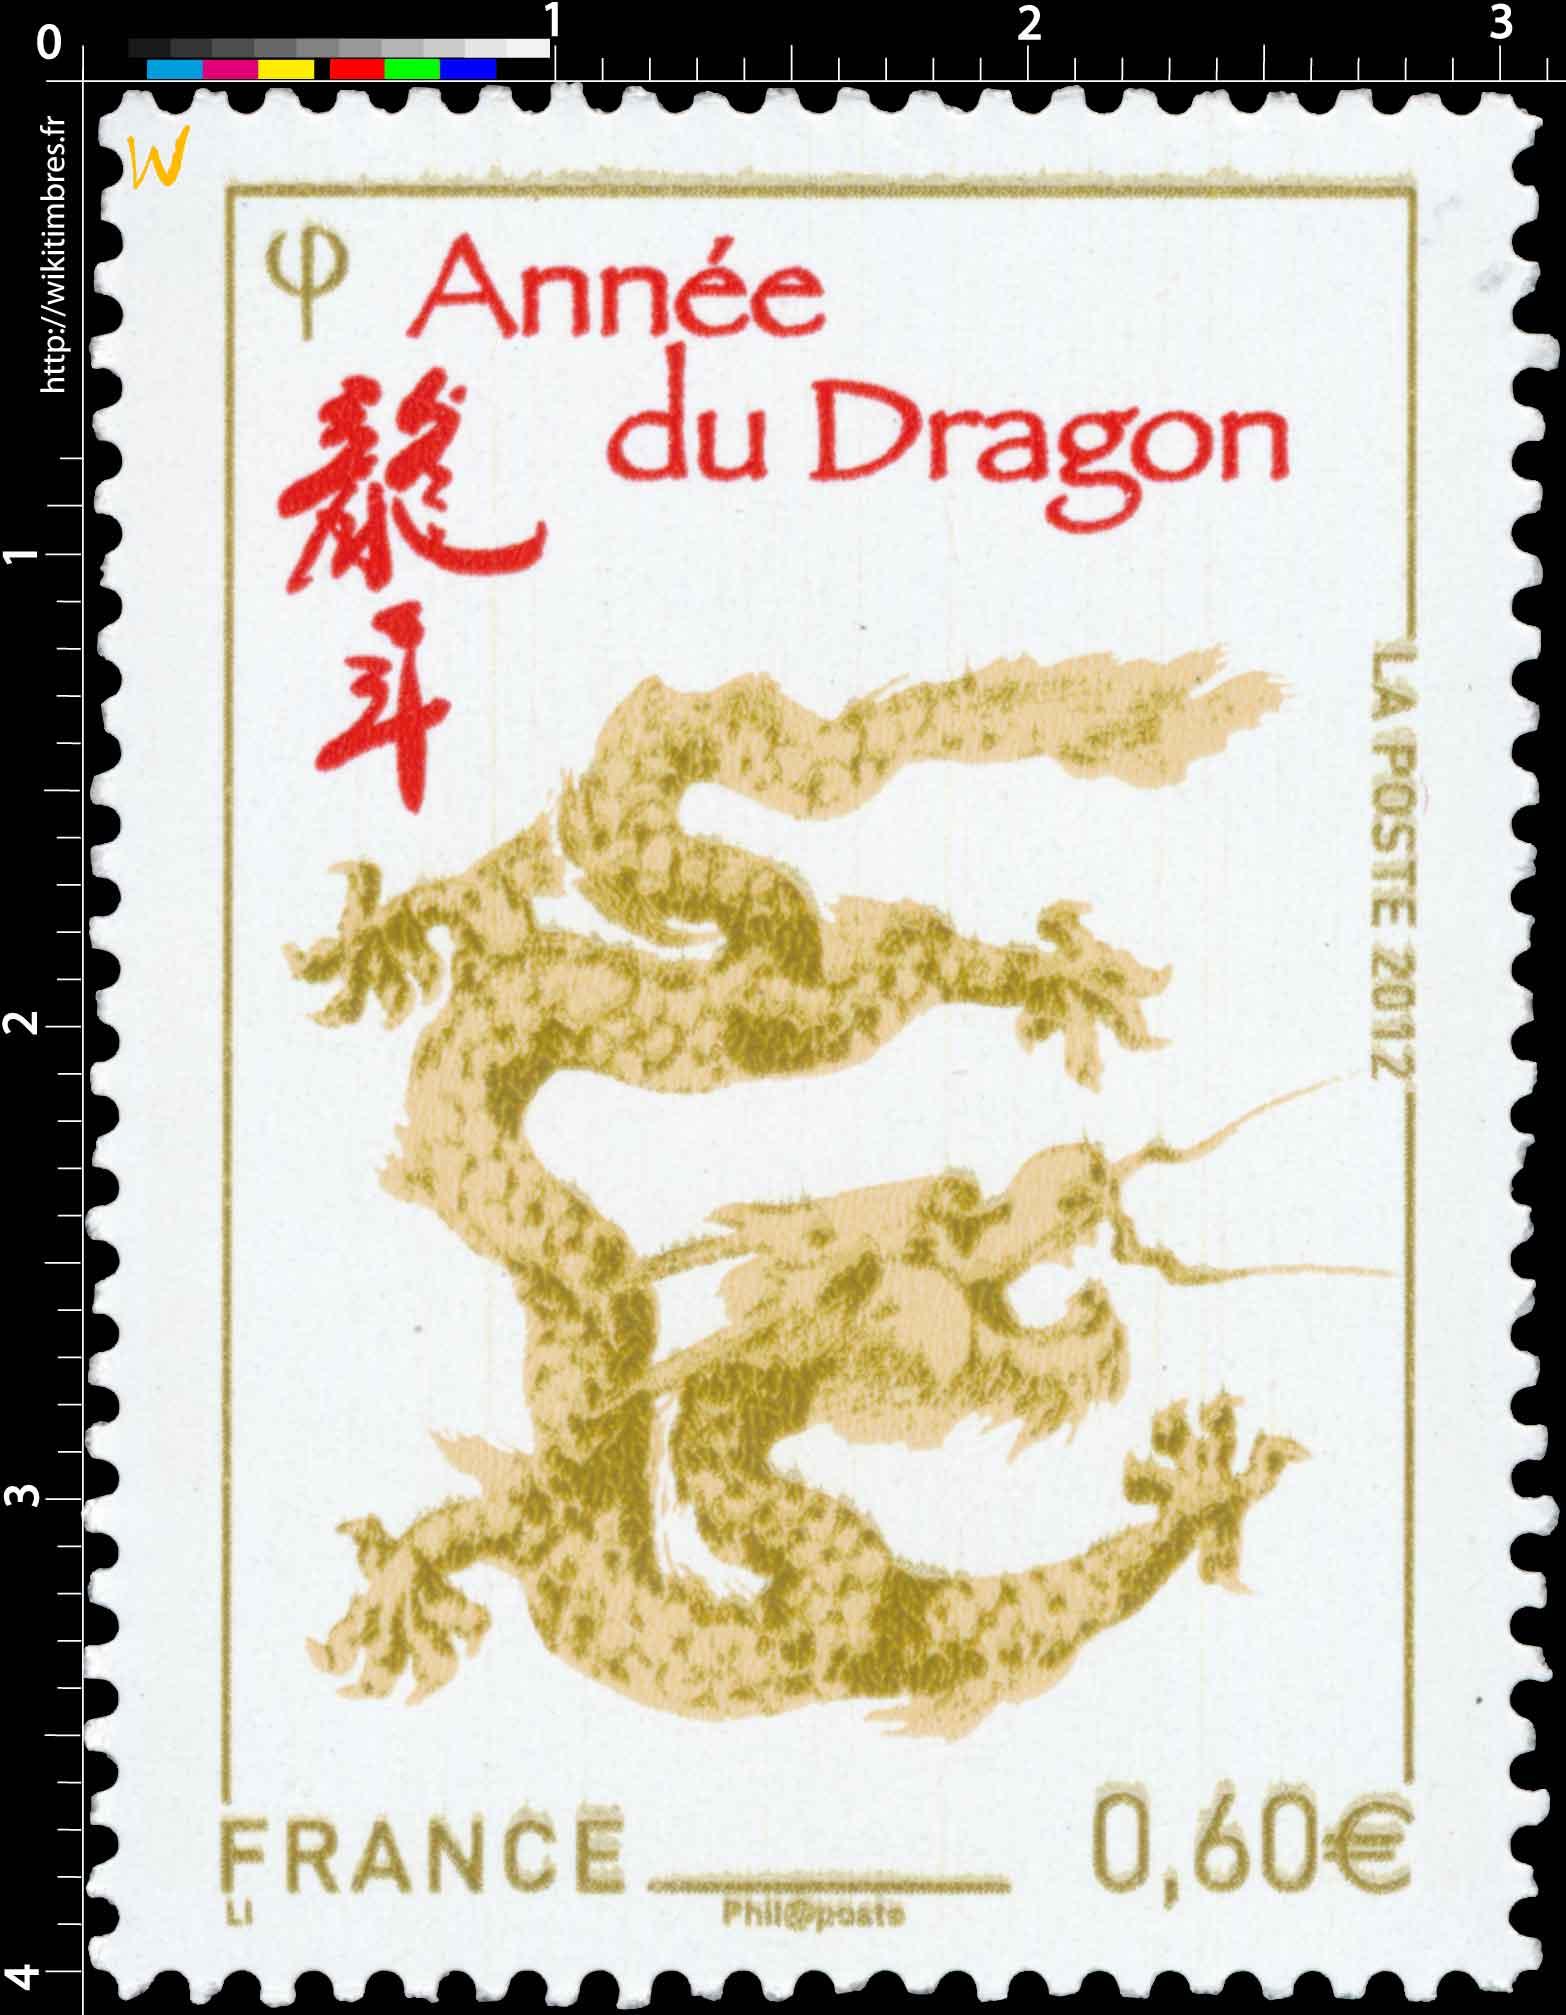 2012 Année du Dragon